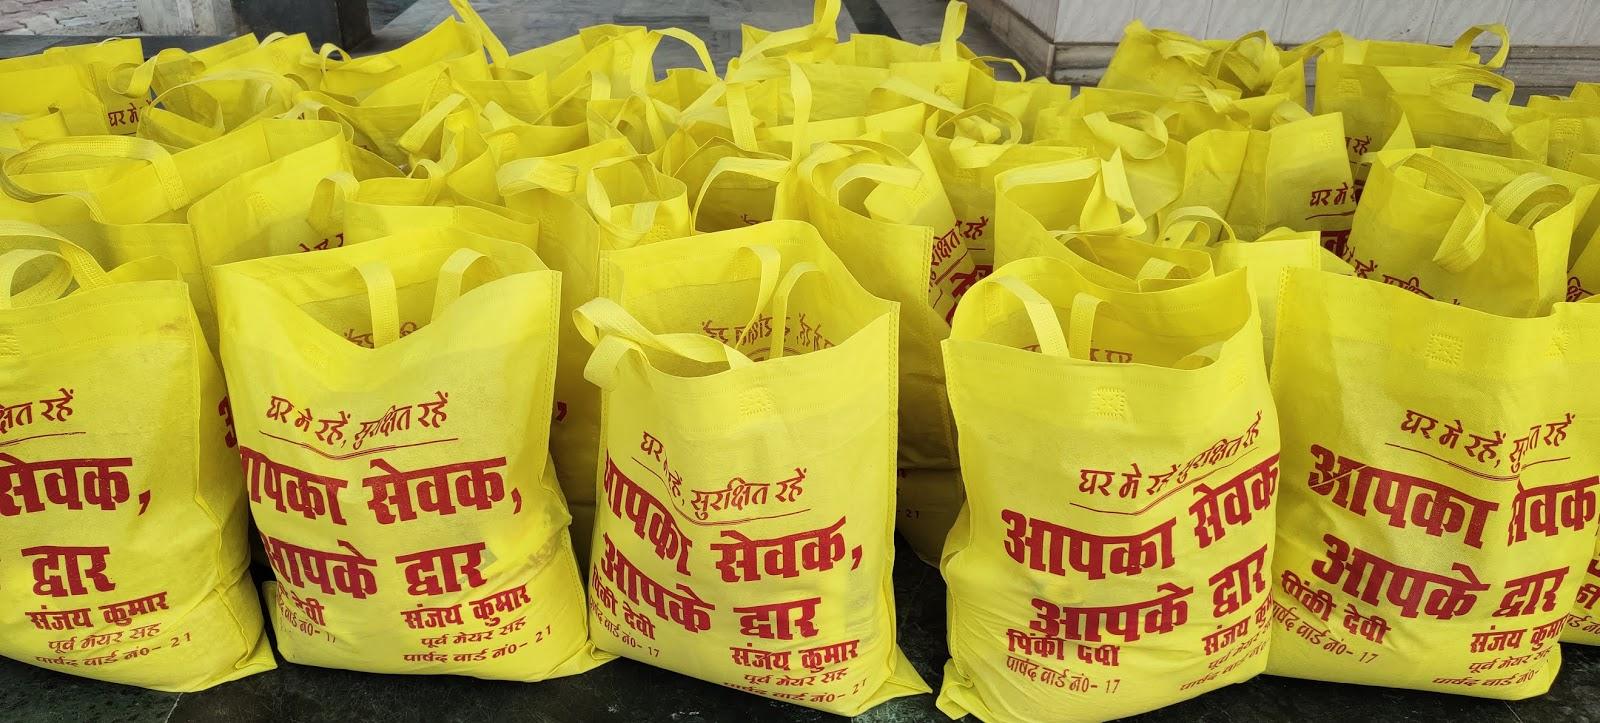 जन्म दिन पर सैकड़ों गरीब और दिव्यांगों व निस्सहाय लोग के बीच राहत सामग्री वितरण - सौरभ कुमार गौतम